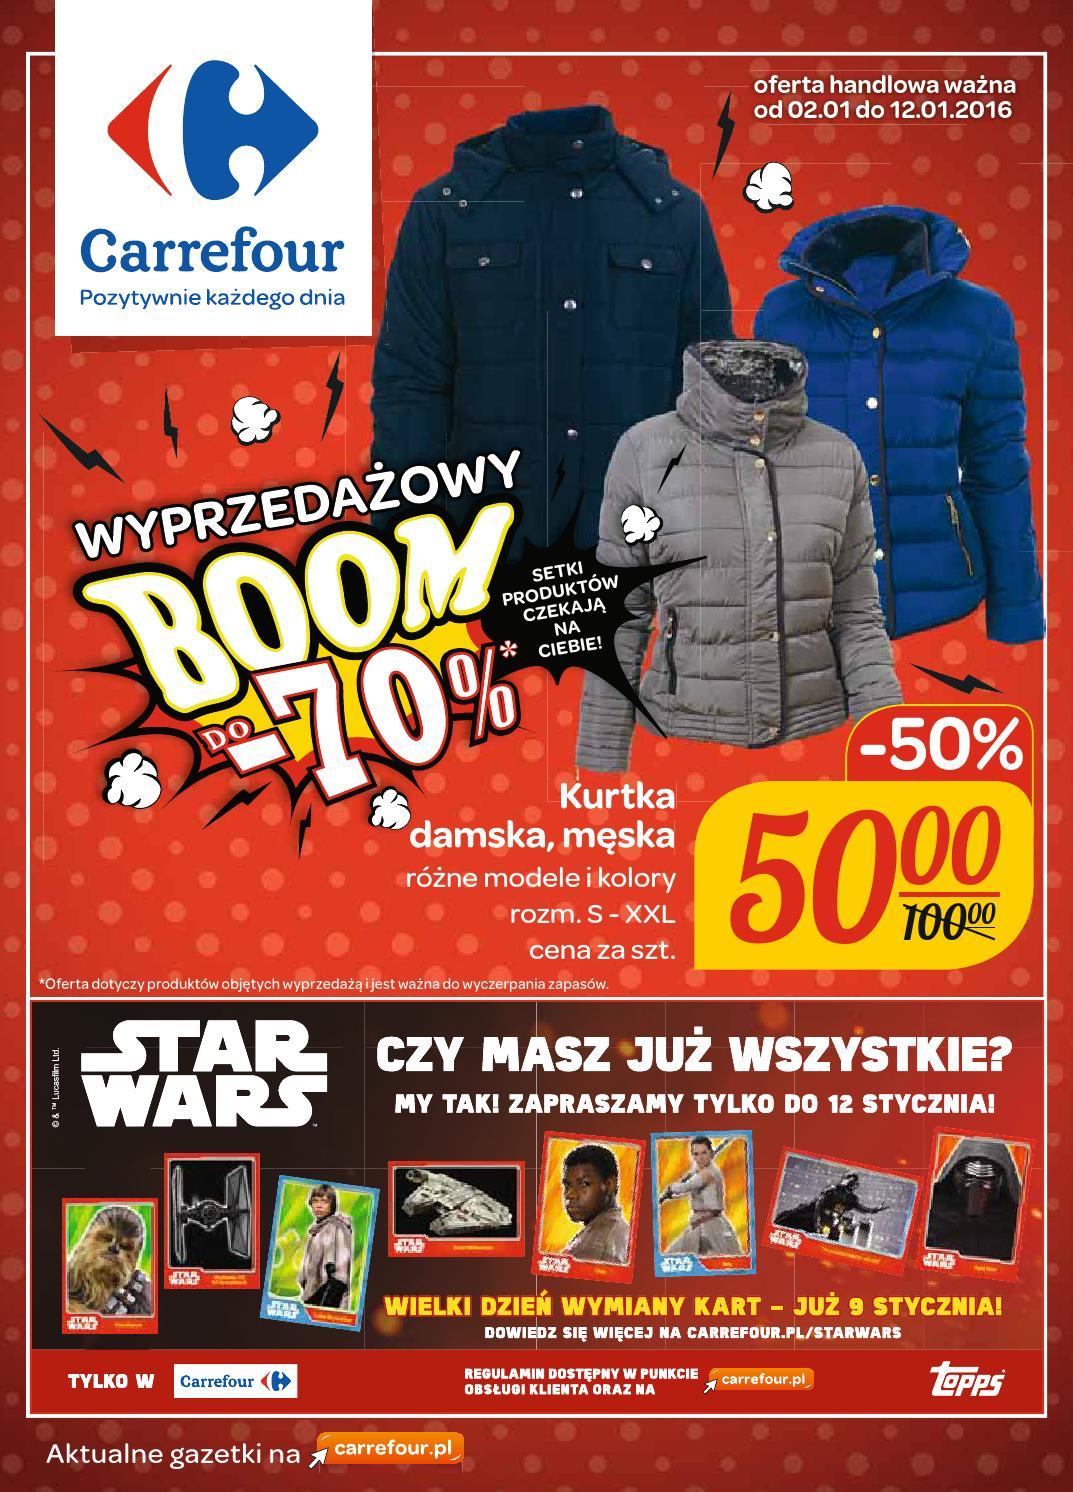 76f3b62b104a8 Carrefour gazetka od 02.01 do 12.01.2016 by iUlotka.pl - issuu